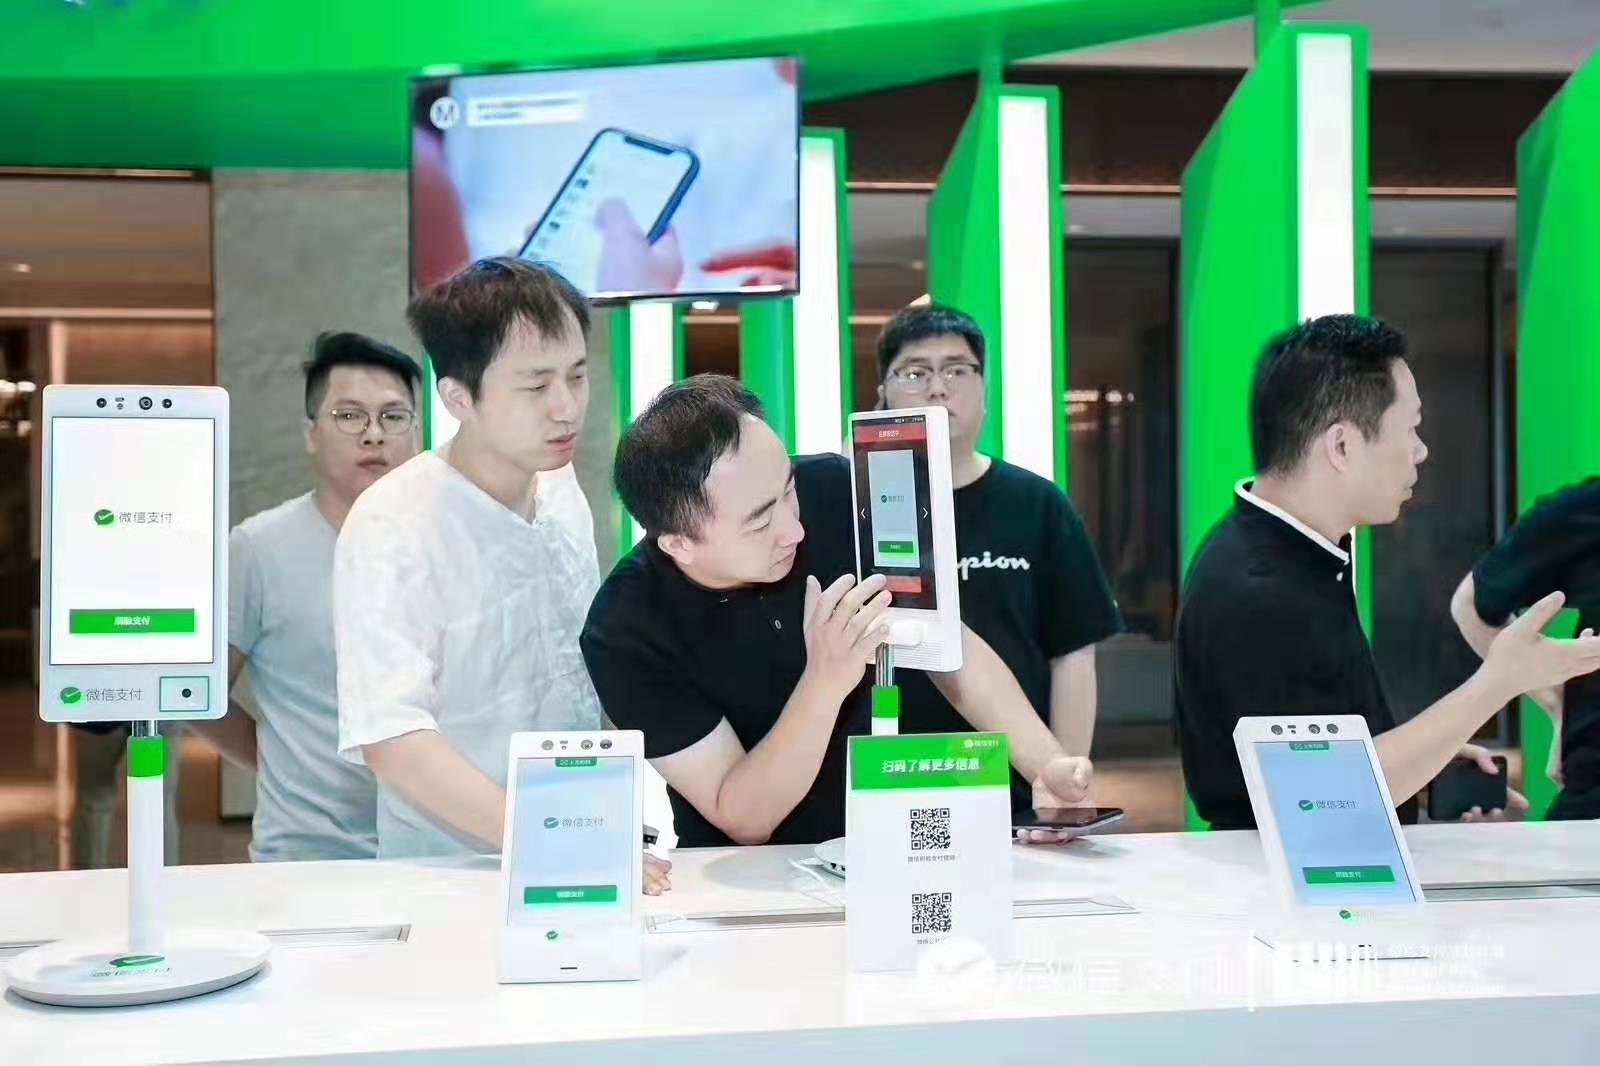 安陽刷臉支付廠家 真誠推薦 河南道仁電子科技供應